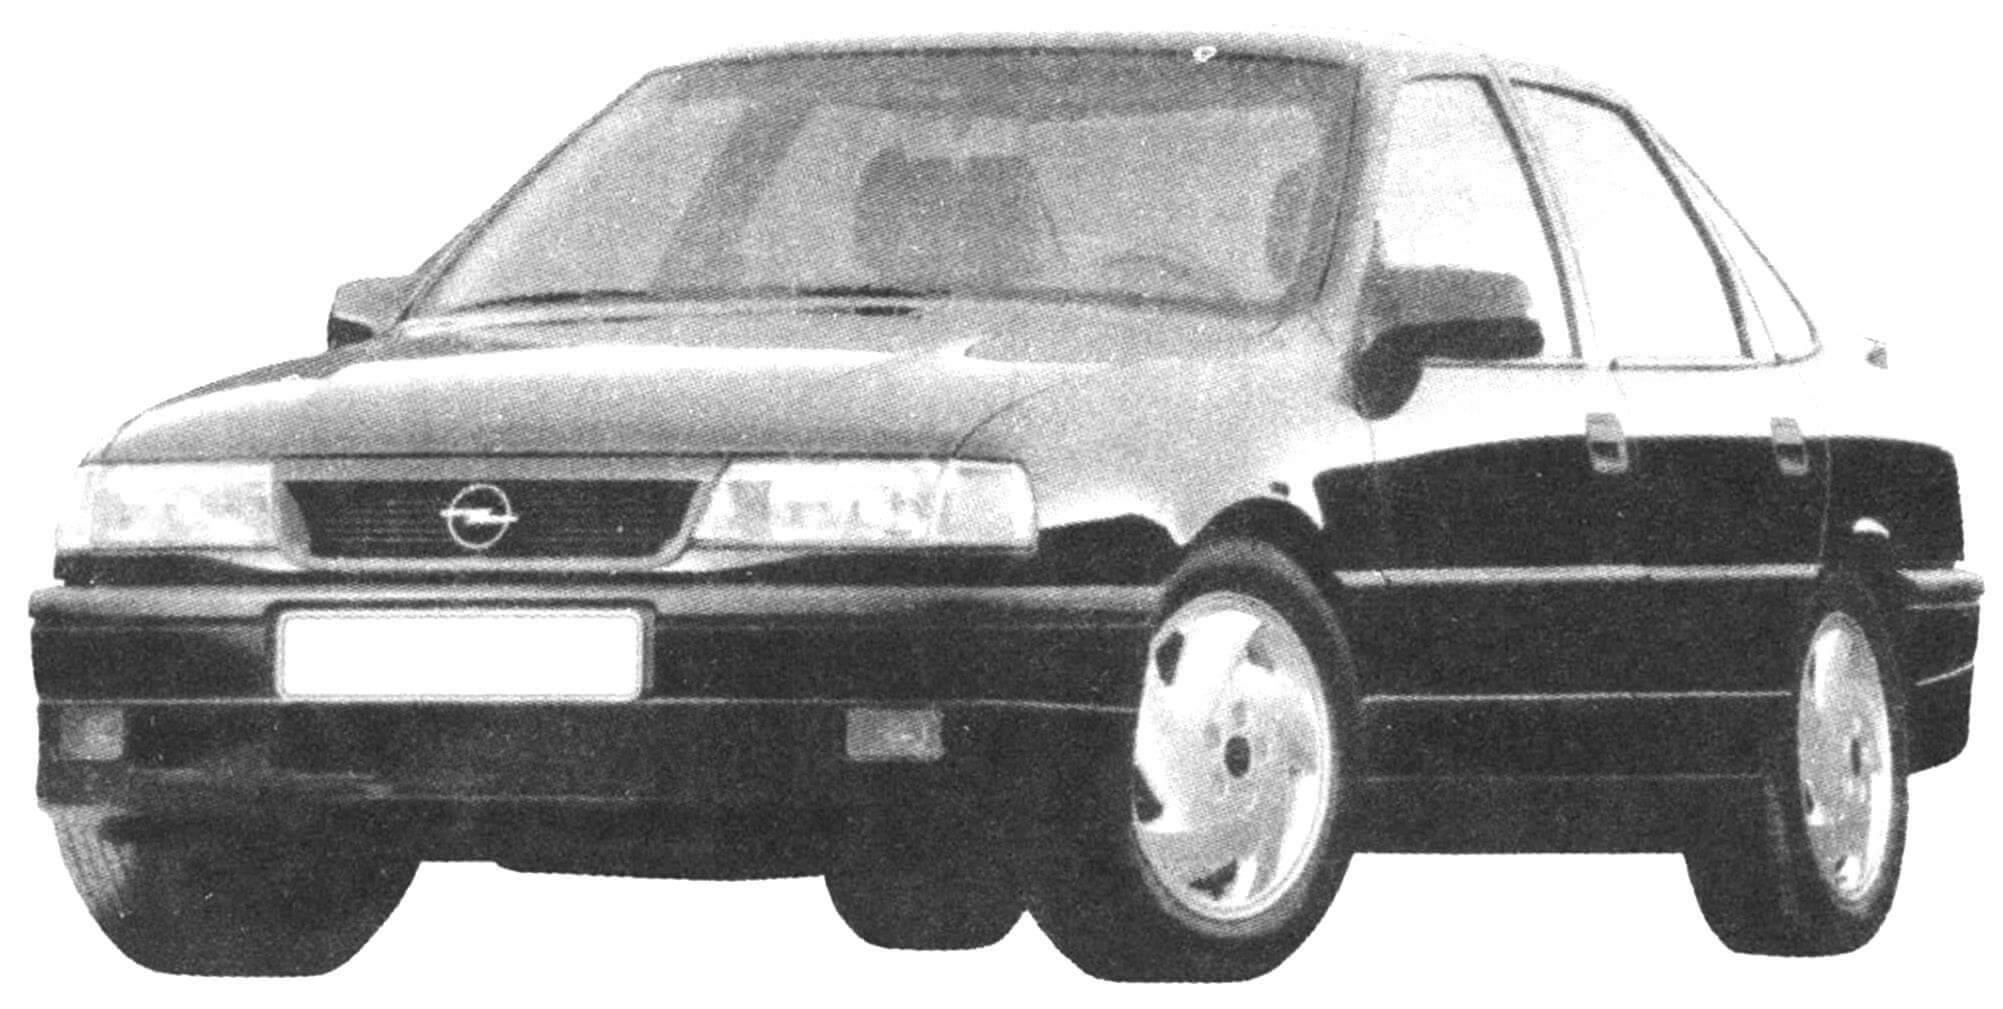 VECTRA 2000-го года — предшественник автомобиля OPEL VECTRA третьего поколении (1,6—2,6 л, 100—170 л.с., 193—230 км/ч)